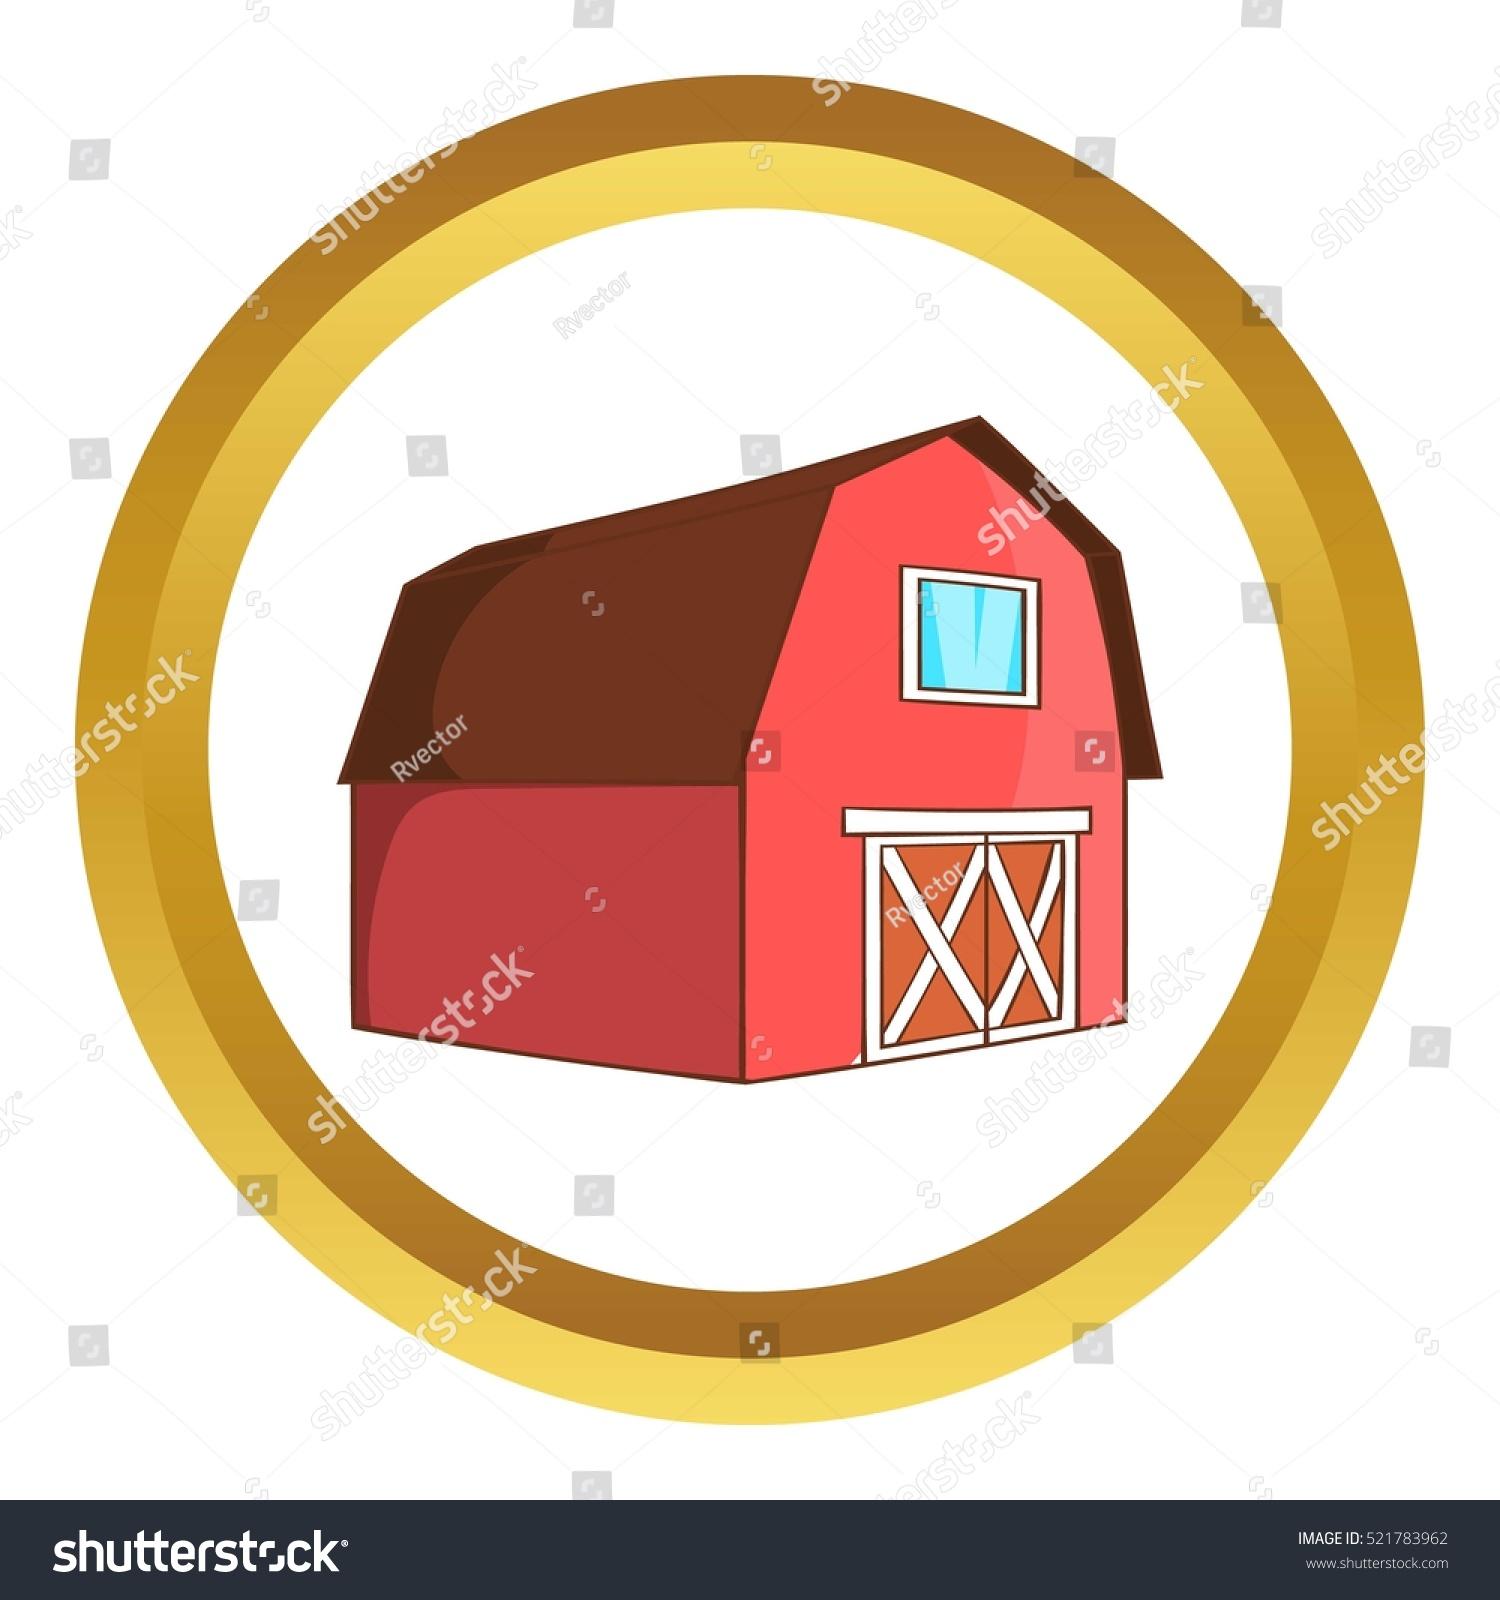 Barn Animals Vector Icon Golden Circle Stock Vector 521783962